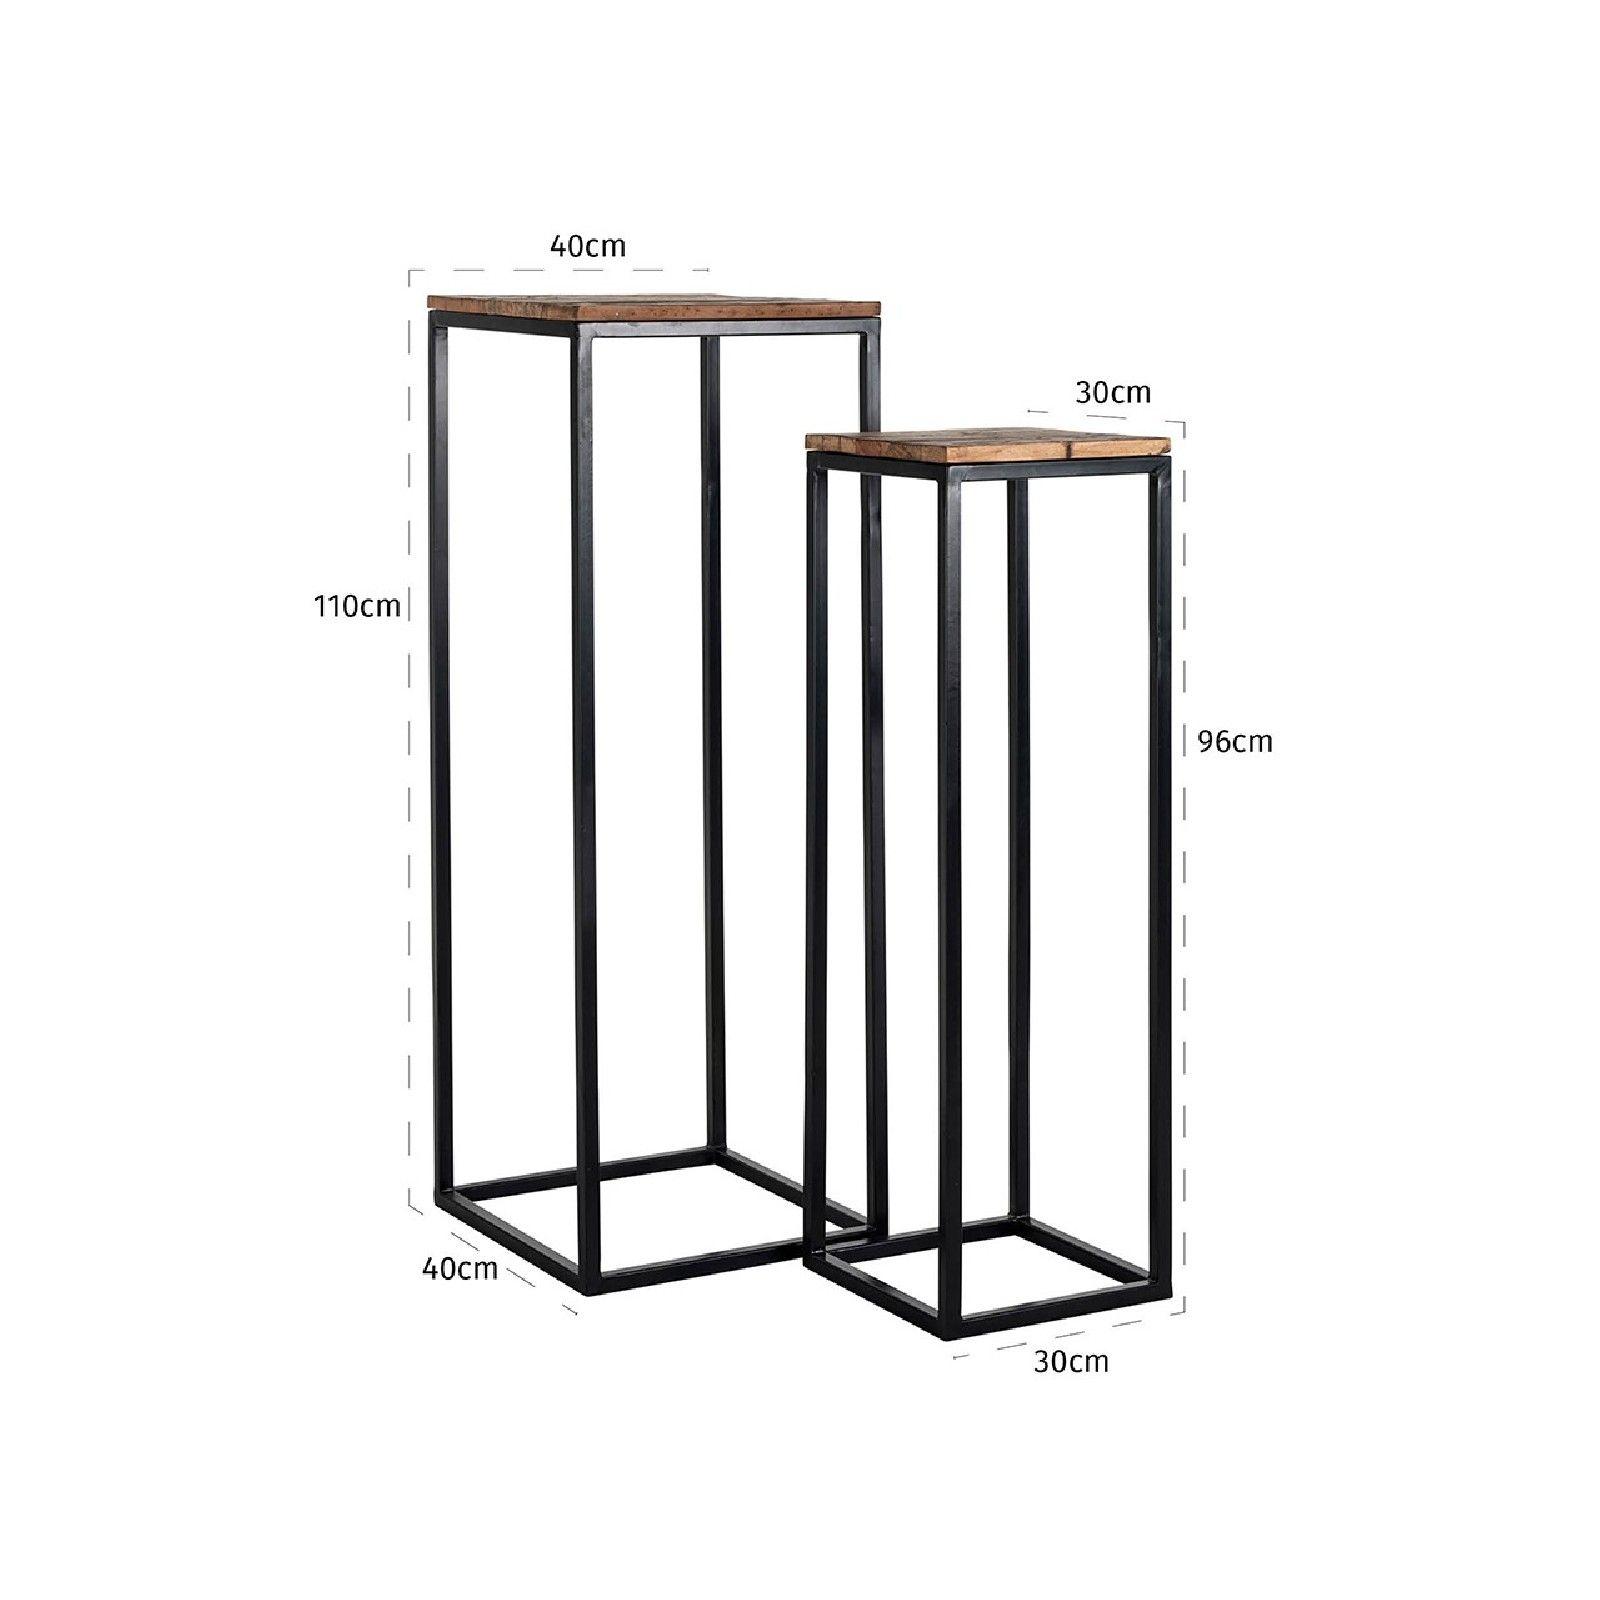 Pillar Raffles set of 2 Meuble Déco Tendance - 207